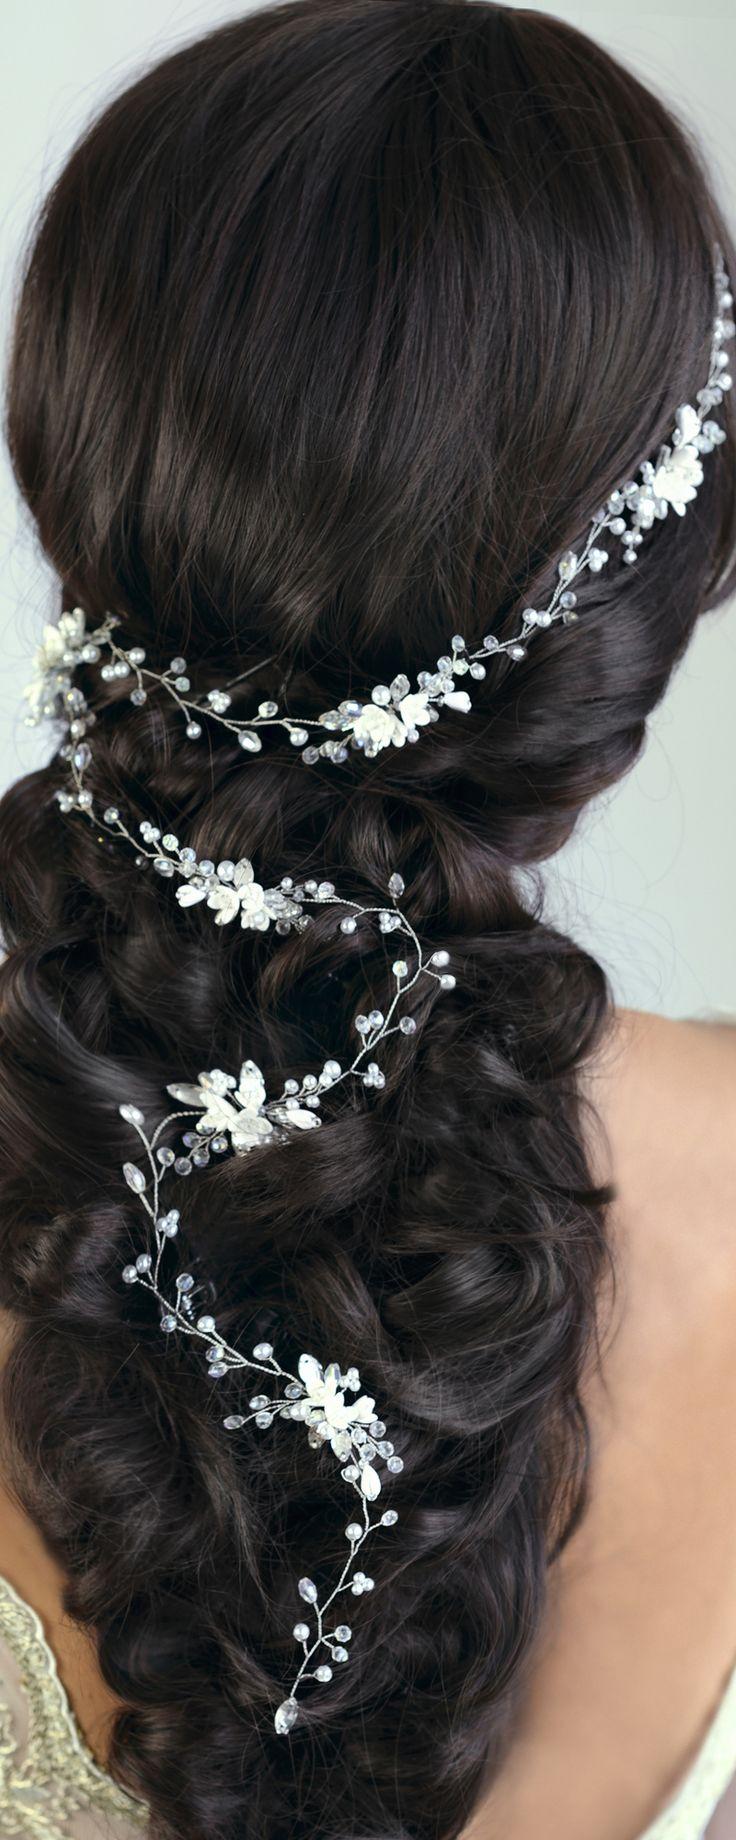 bridal hair vine, wedding hair vine, gold hair vine, pearl hair vine, flower hair vine, hair vine, long hair vine, bohemian bridal headpiece by TopGracia